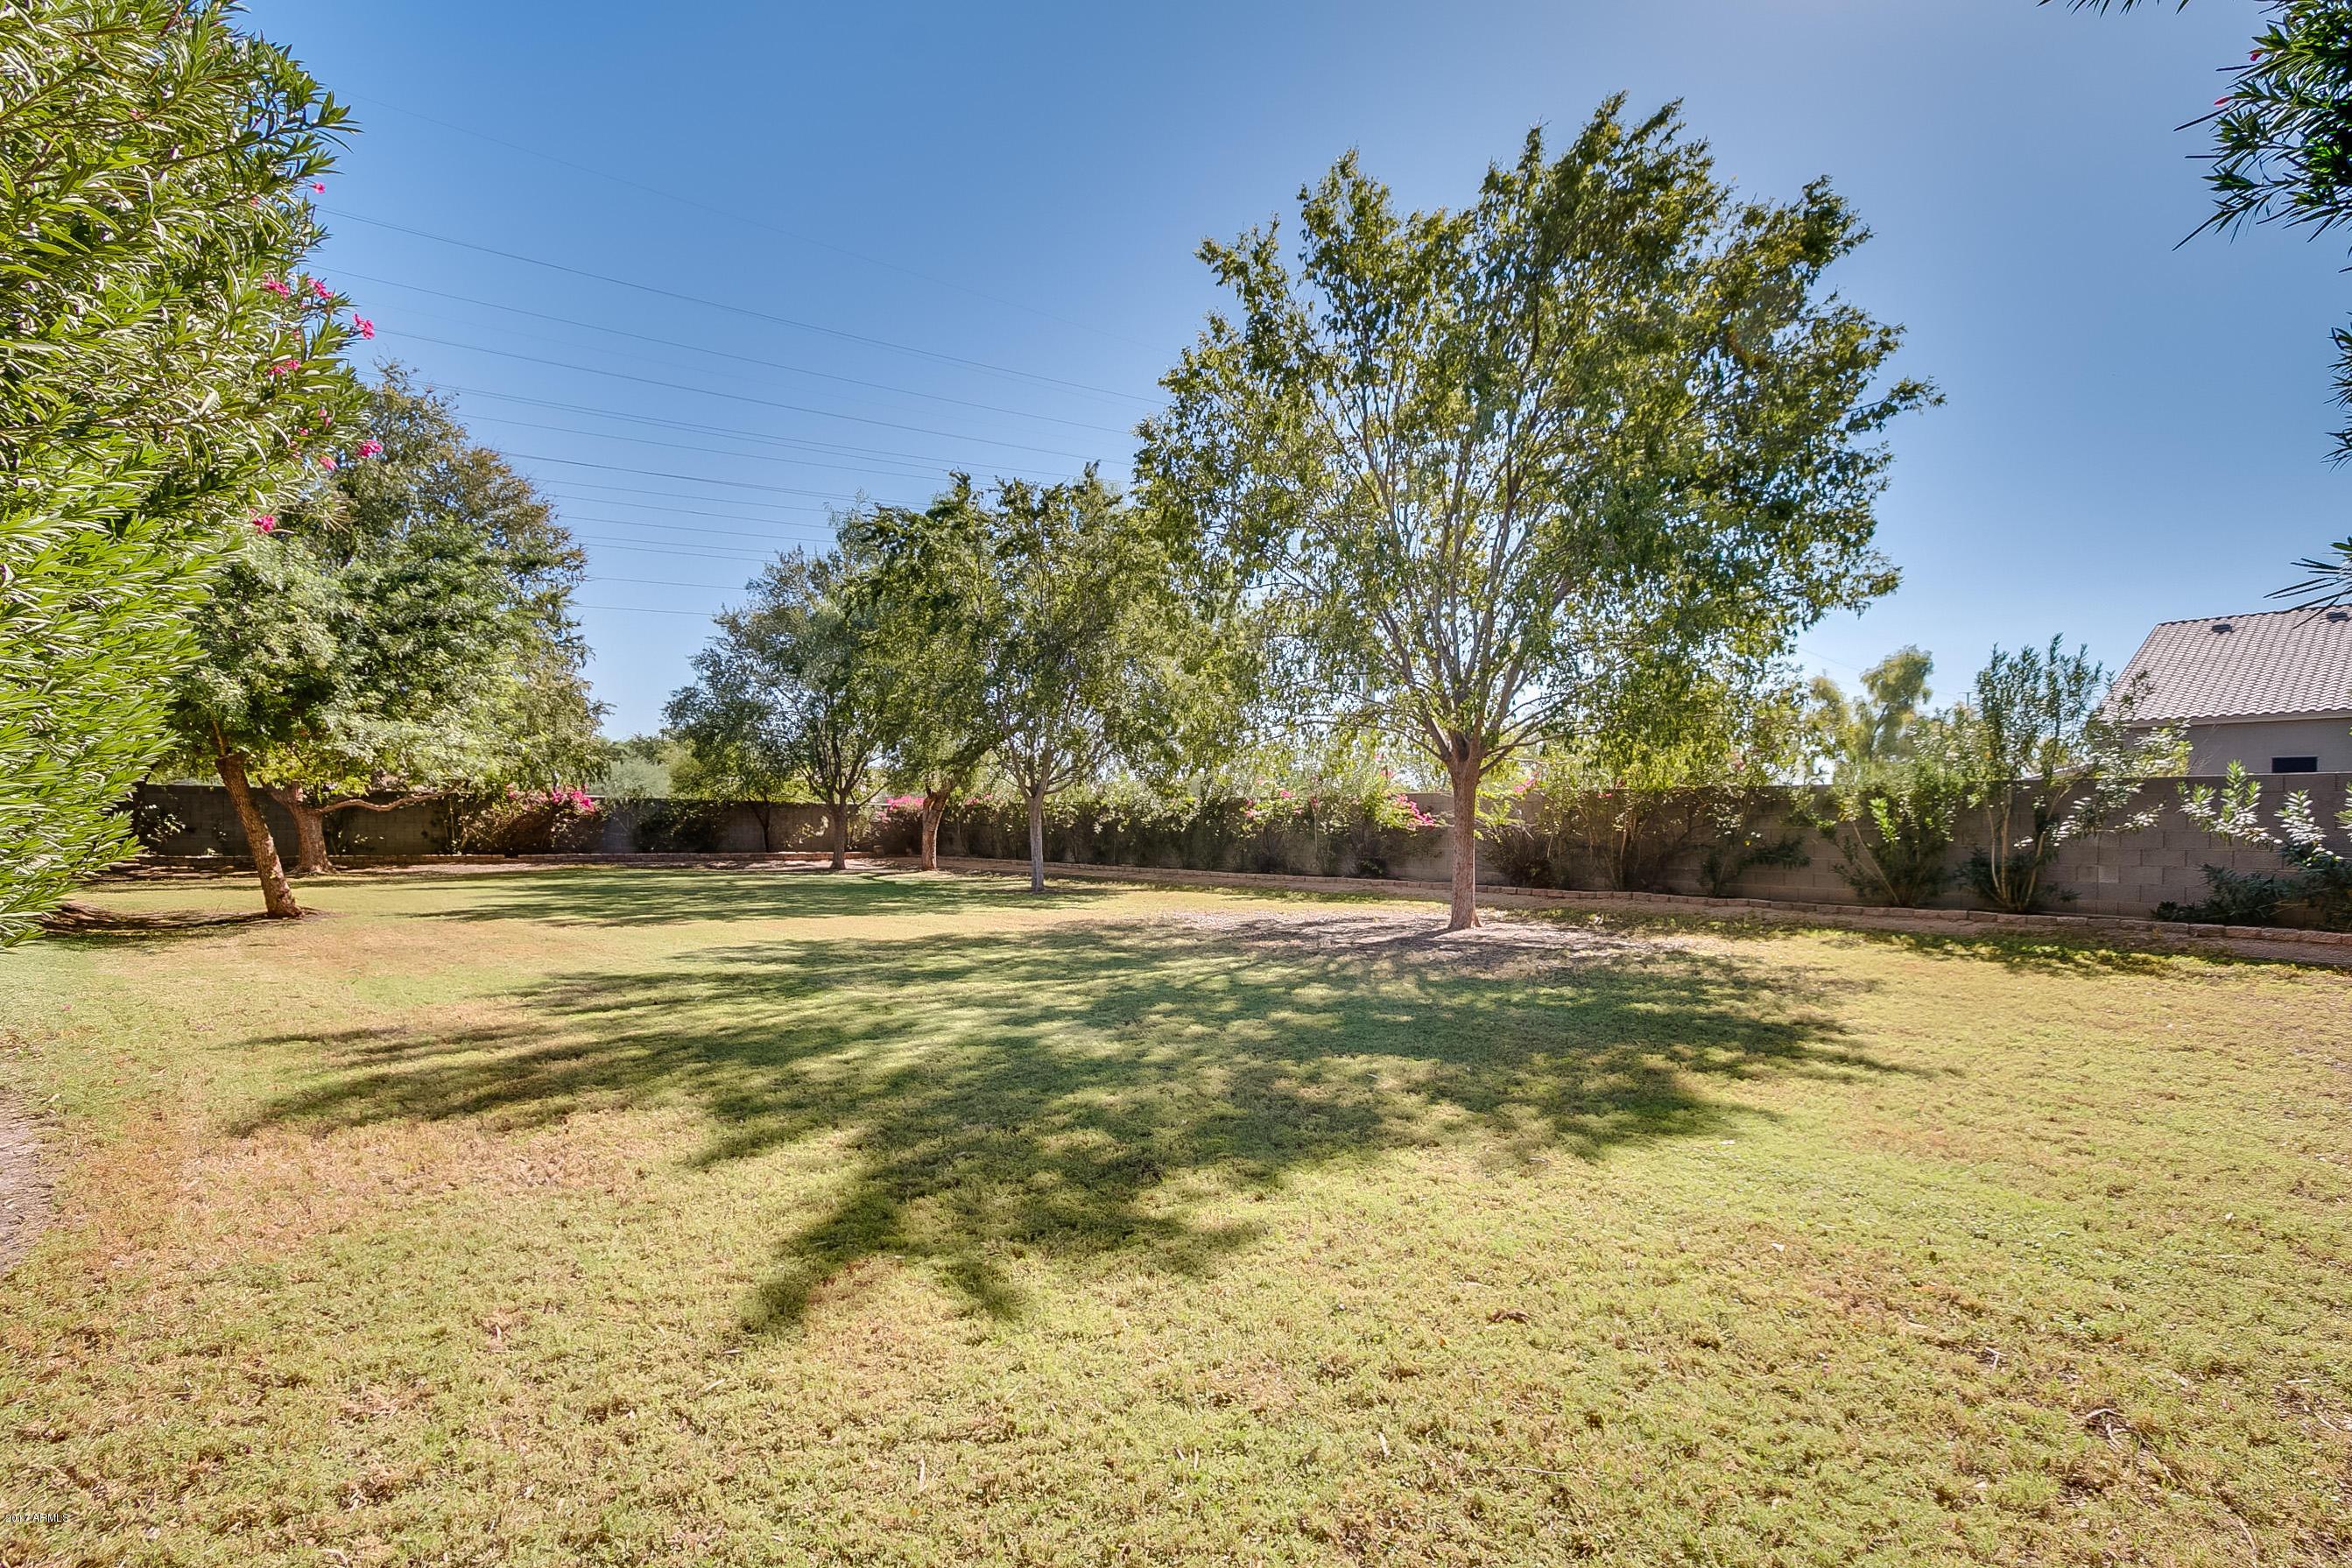 207 S Equestrian  Court Gilbert, AZ 85296 - img20